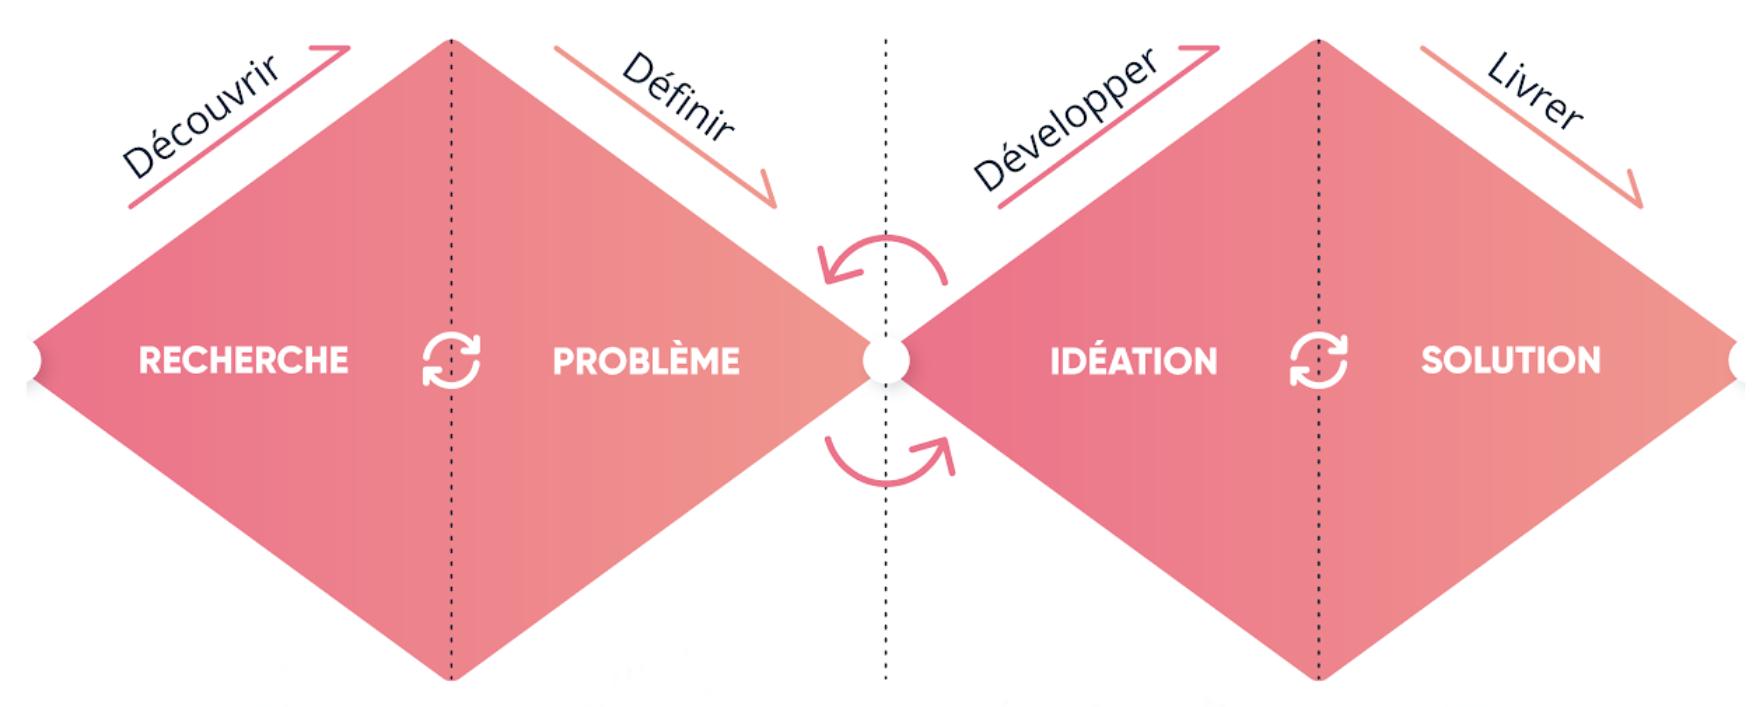 4 phases de design thinking en double diamands